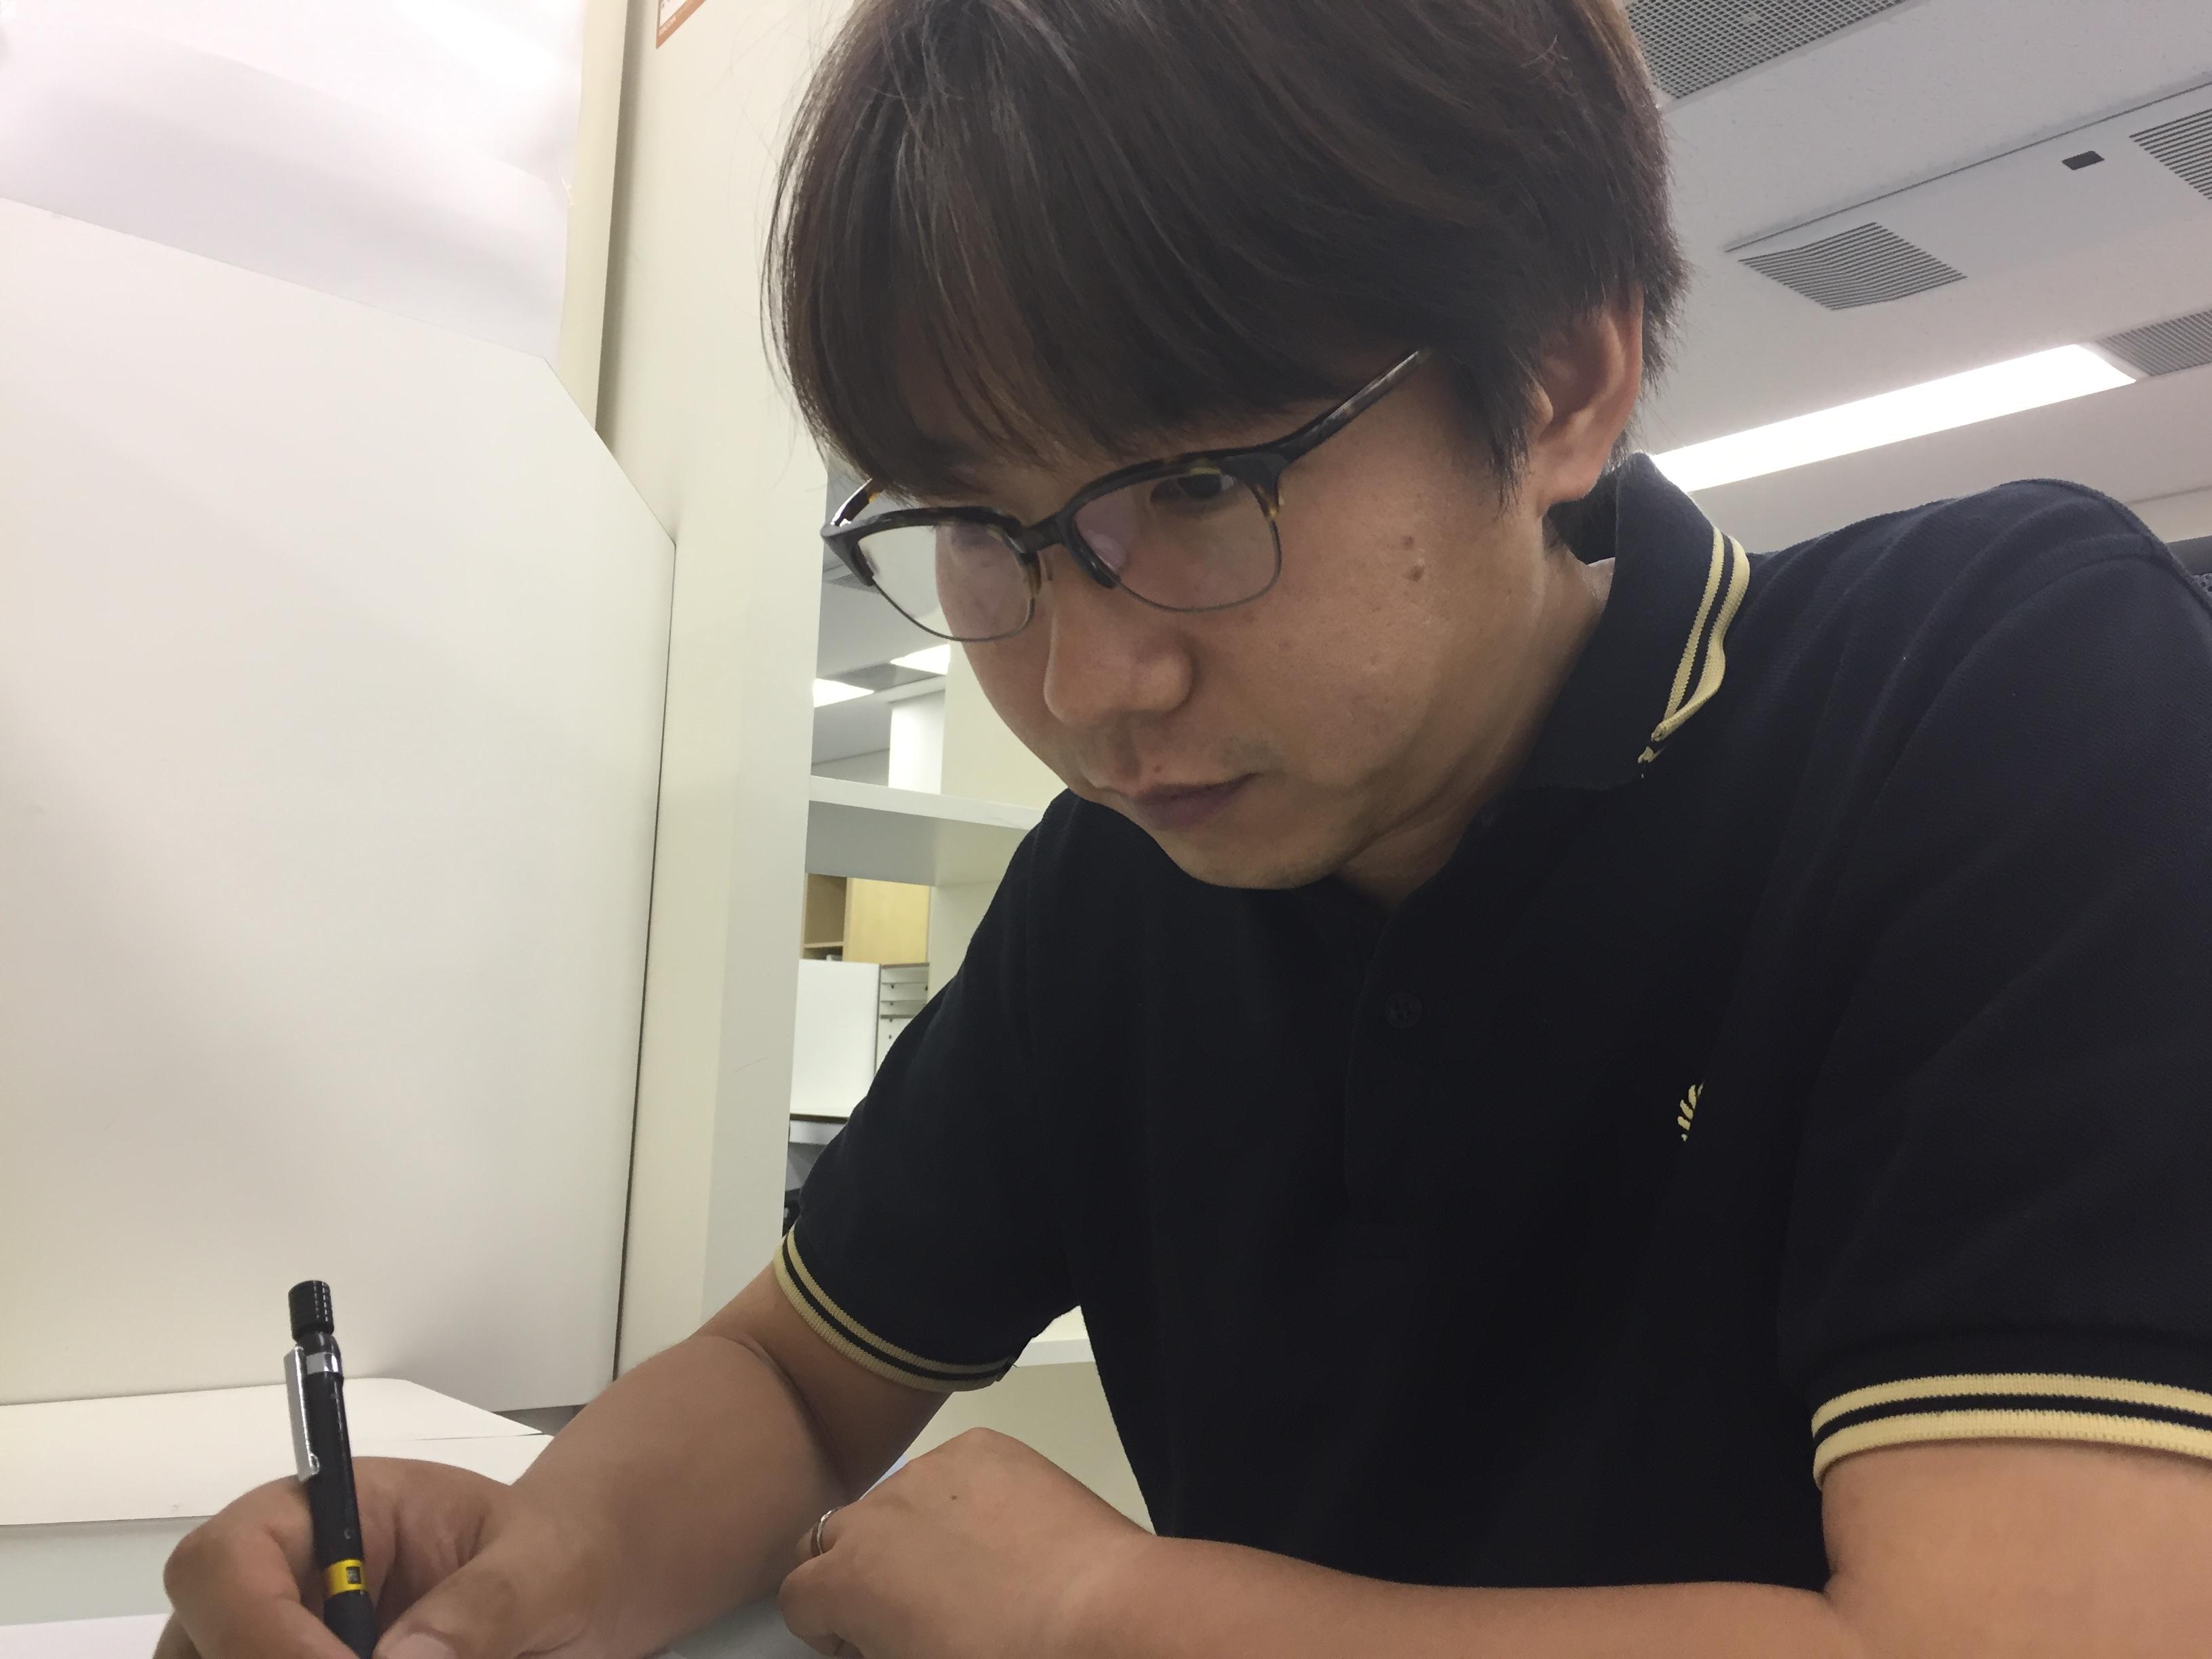 I.Gストア出張店 & WIT STUDIO キャラバン in 浜松 出店決定!